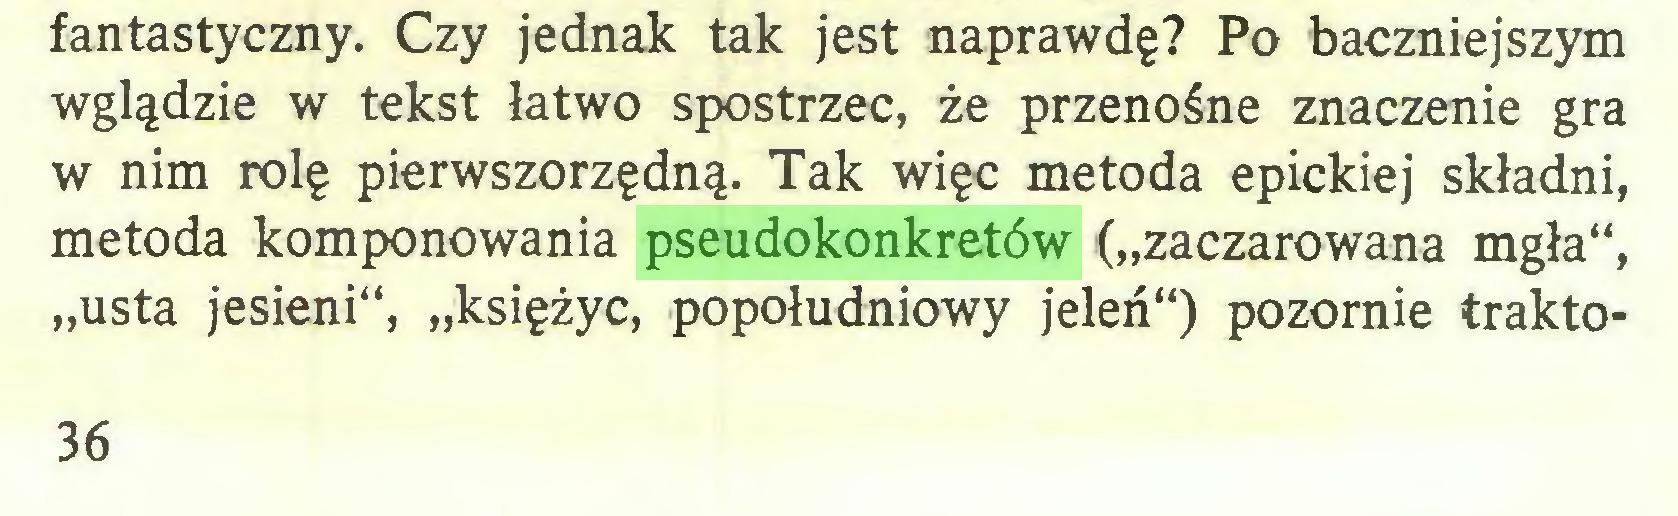 """(...) fantastyczny. Czy jednak tak jest naprawdę? Po baczniejszym wglądzie w tekst łatwo spostrzec, że przenośne znaczenie gra w nim rolę pierwszorzędną. Tak więc metoda epickiej składni, metoda komponowania pseudokonkretów (""""zaczarowana mgła"""", """"usta jesieni"""", """"księżyc, popołudniowy jeleń"""") pozornie frakto36..."""